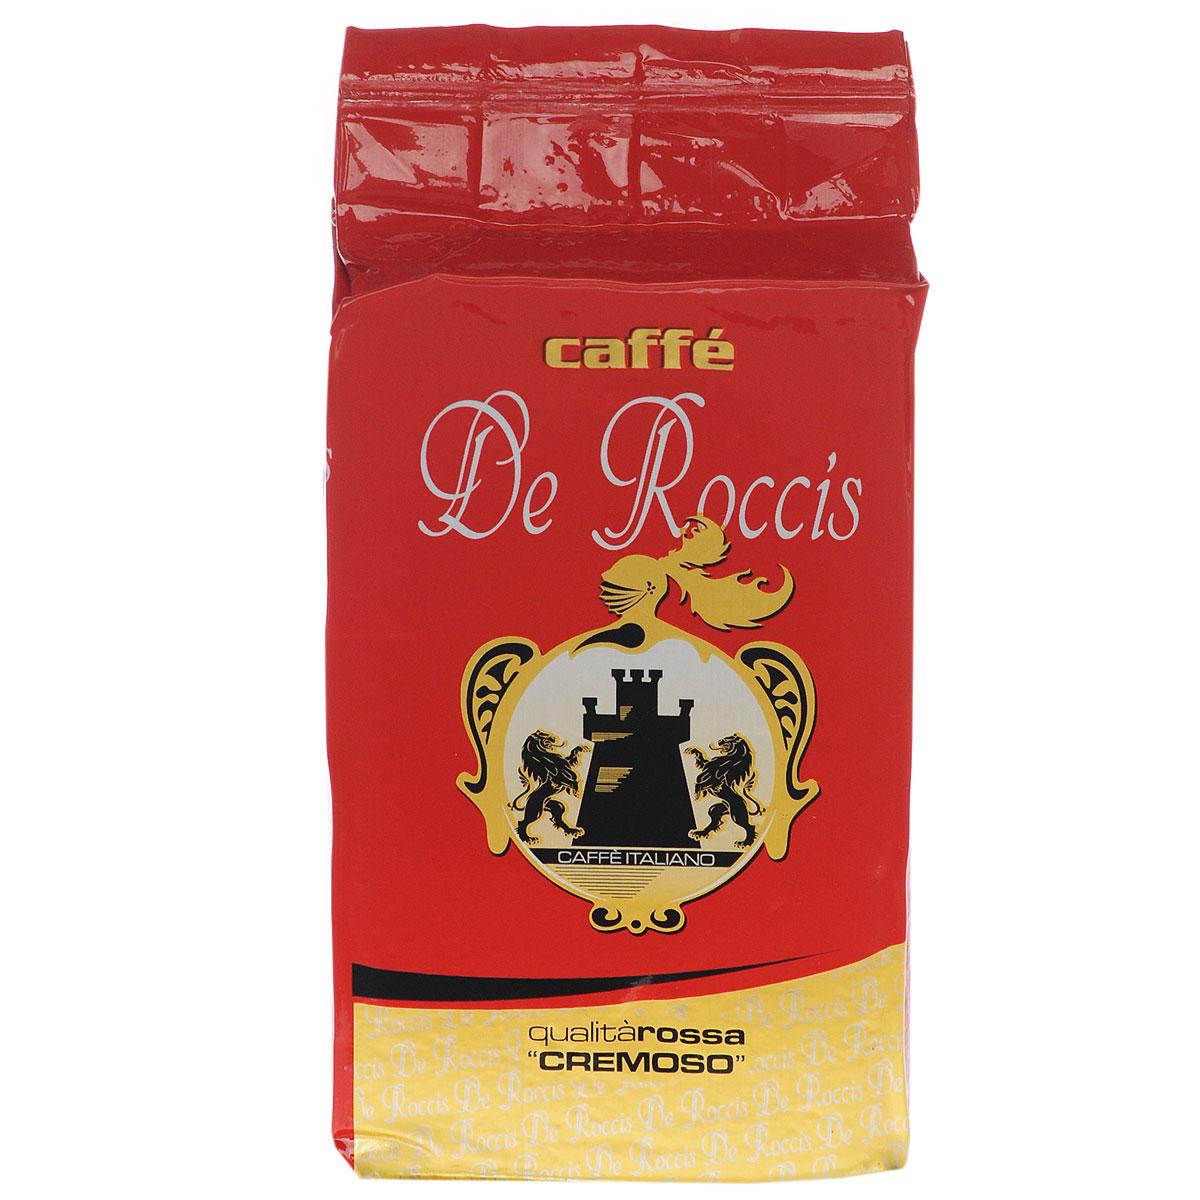 De Roccis Rossa кофе молотый, 250 г8016115000226De Roccis Rossa - превосходный итальянский молотый кофе средней обжарки, обладающий сладким и душистым ароматом. Состав смеси: 85% арабика, 15% робуста.